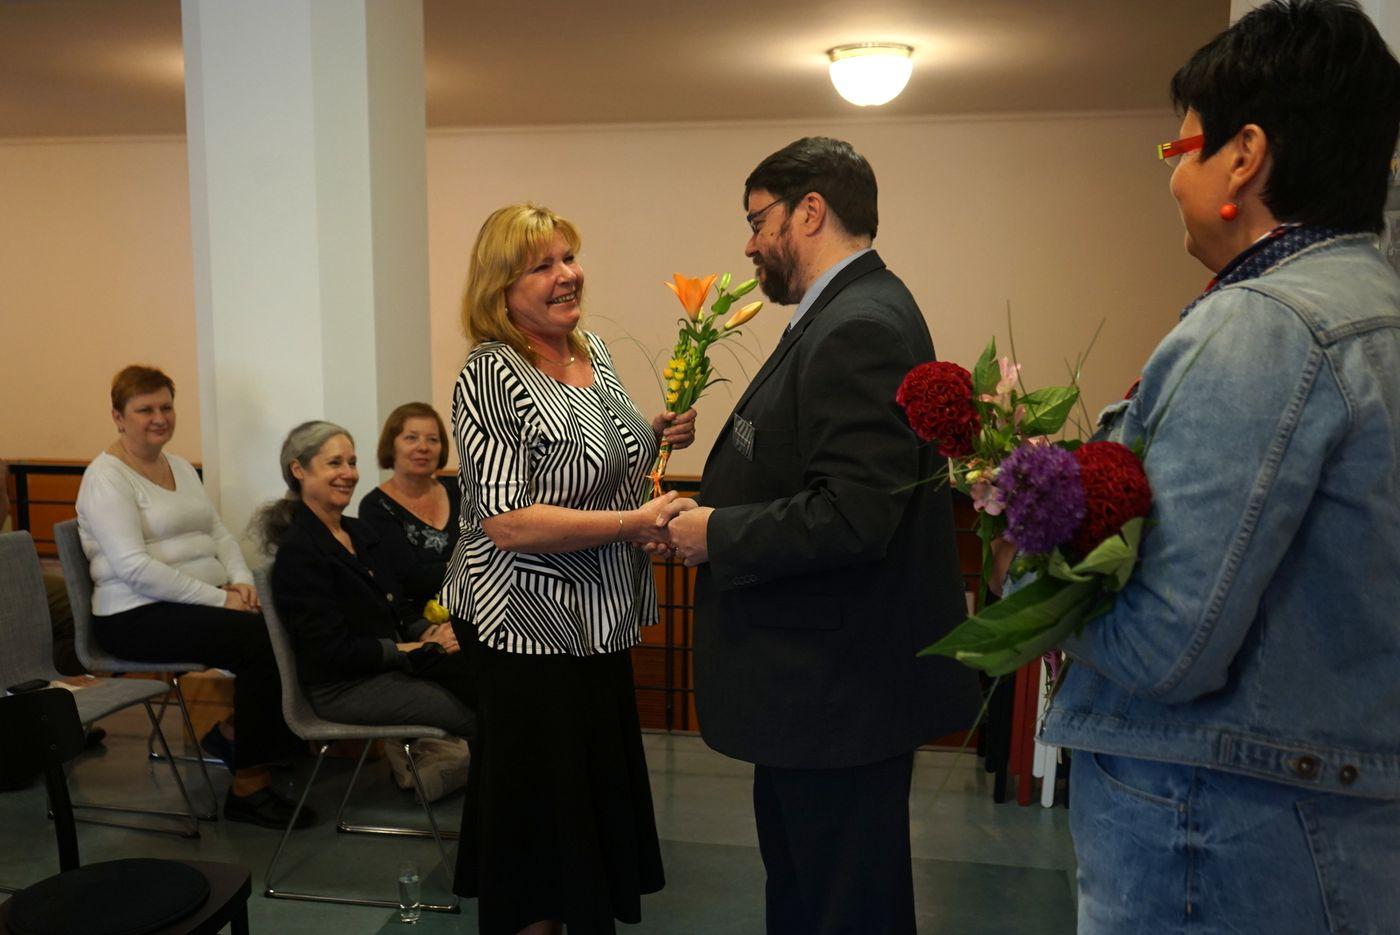 Ředitel Městské knihovny v Praze Tomáš Řehák gratuluje zástupcům jednotlivých oddělení